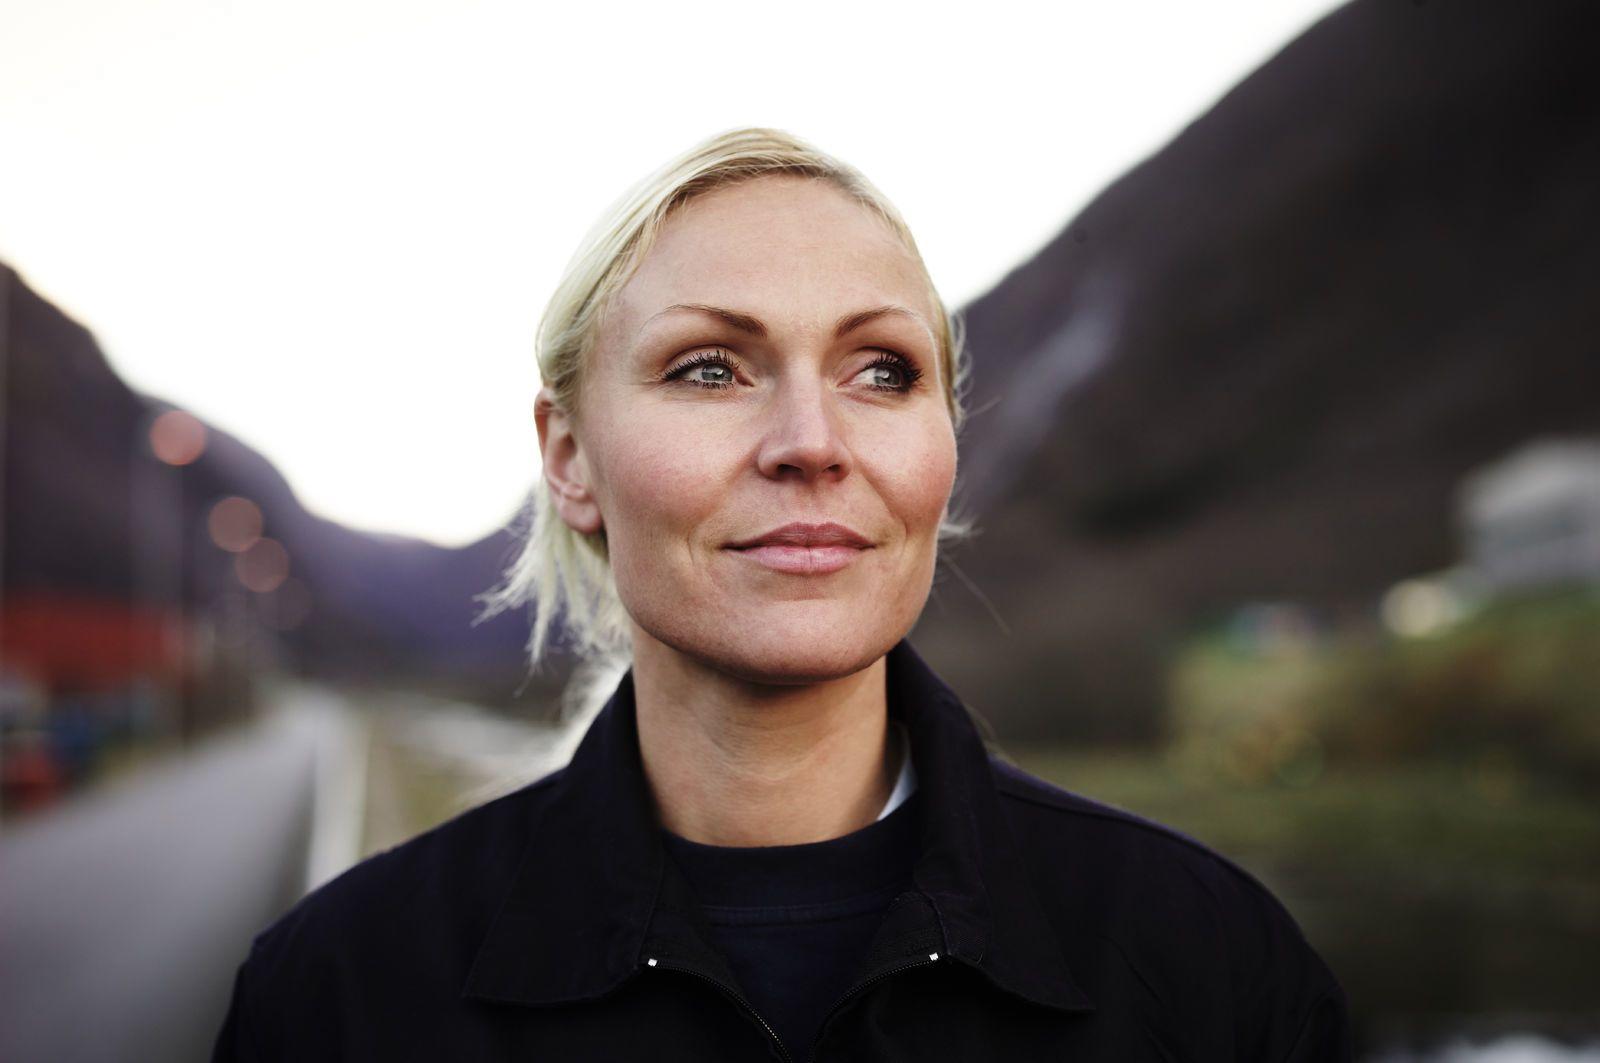 Portrett av en blond, smilende kvinne som ser forbi kamera. Foto: Øivind Haug